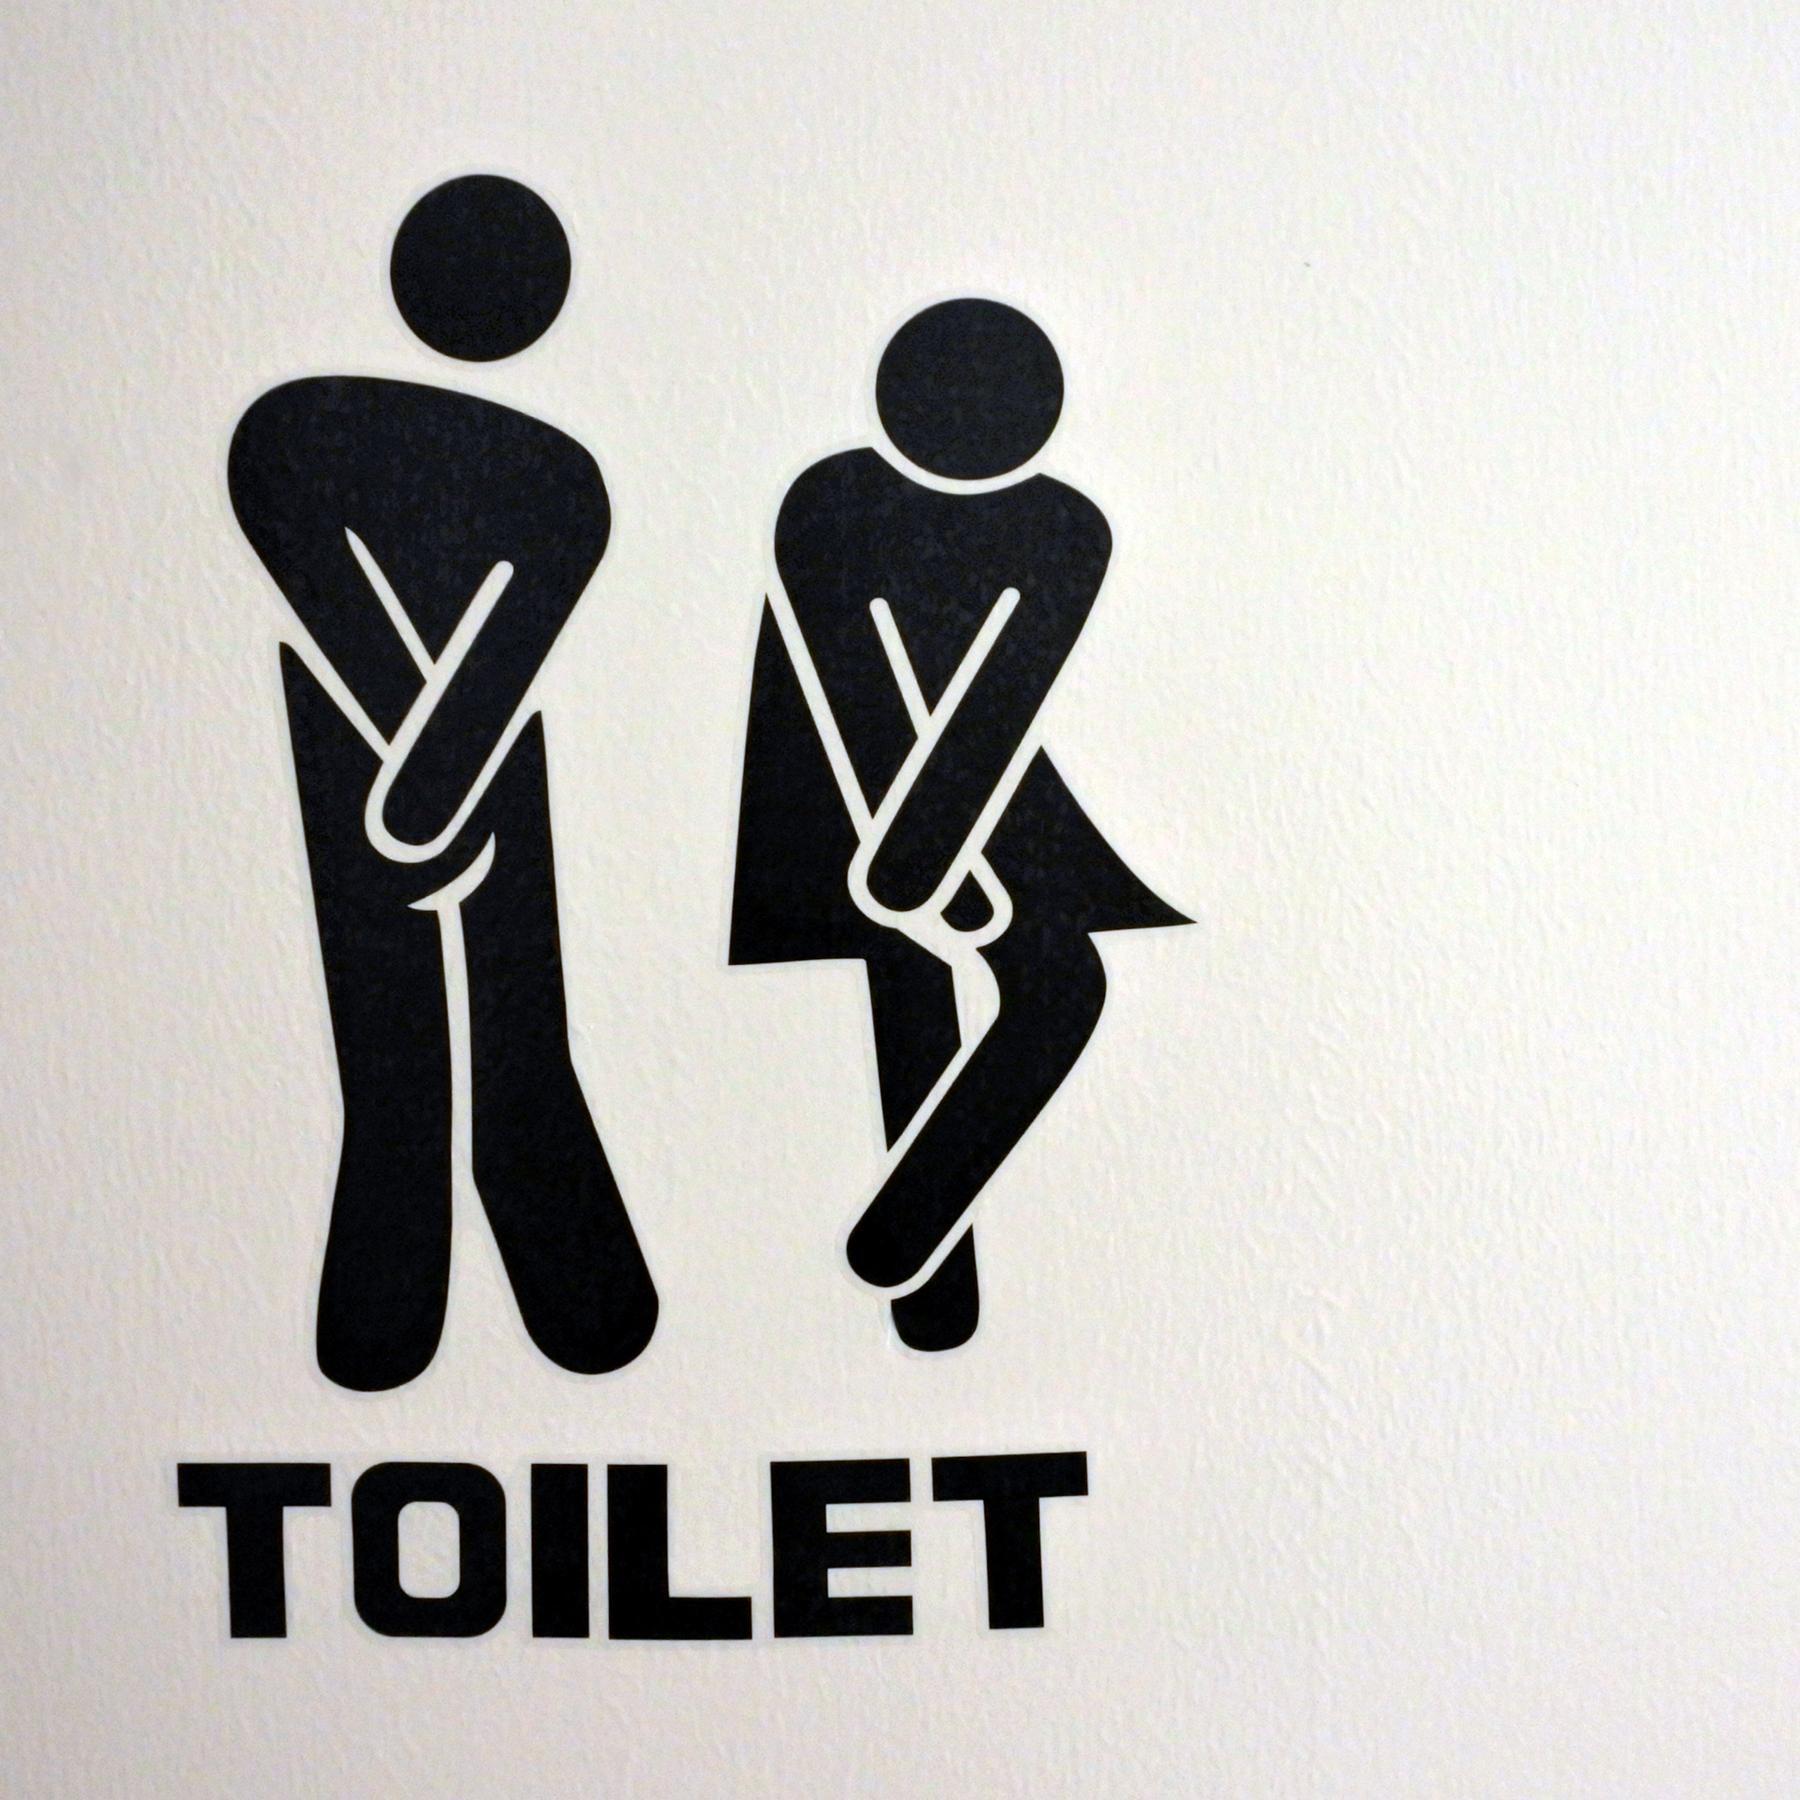 Kulturgeschichte der Toilette - Von der Latrine zum Washlet